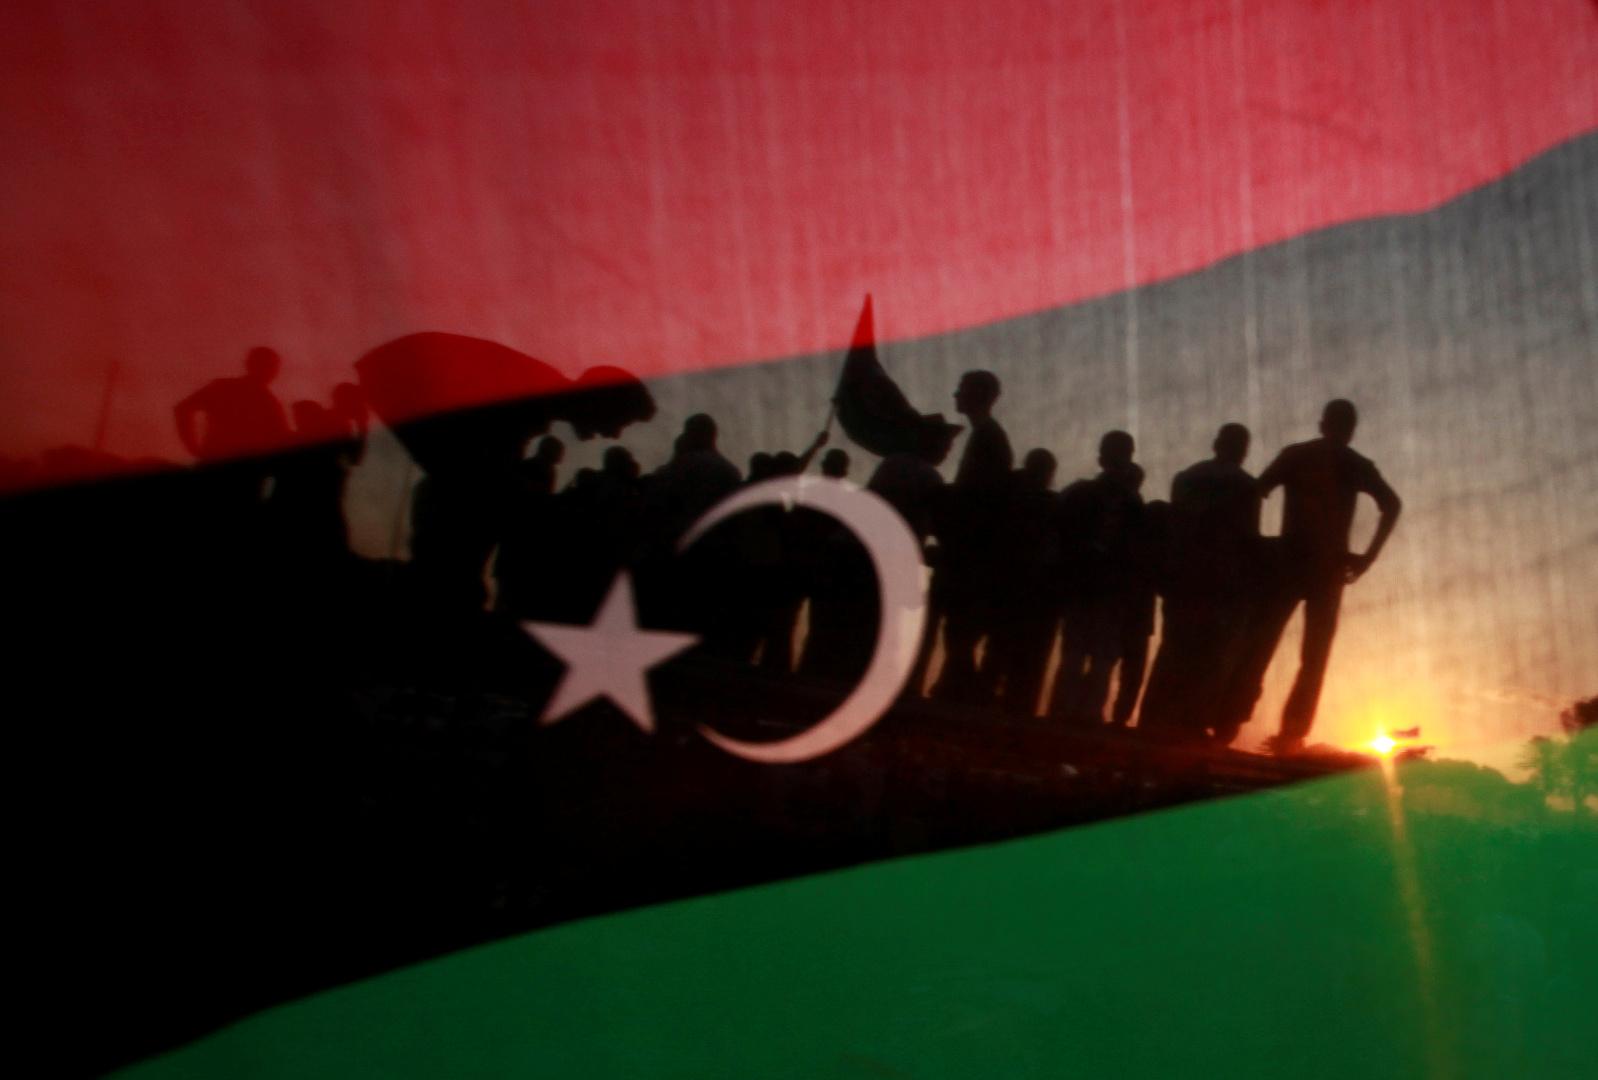 مواقف الدول المعنية إزاء اتفاق جنيف حول ليبيا.. مصر تدعم وتركيا تغرد خارج السرب